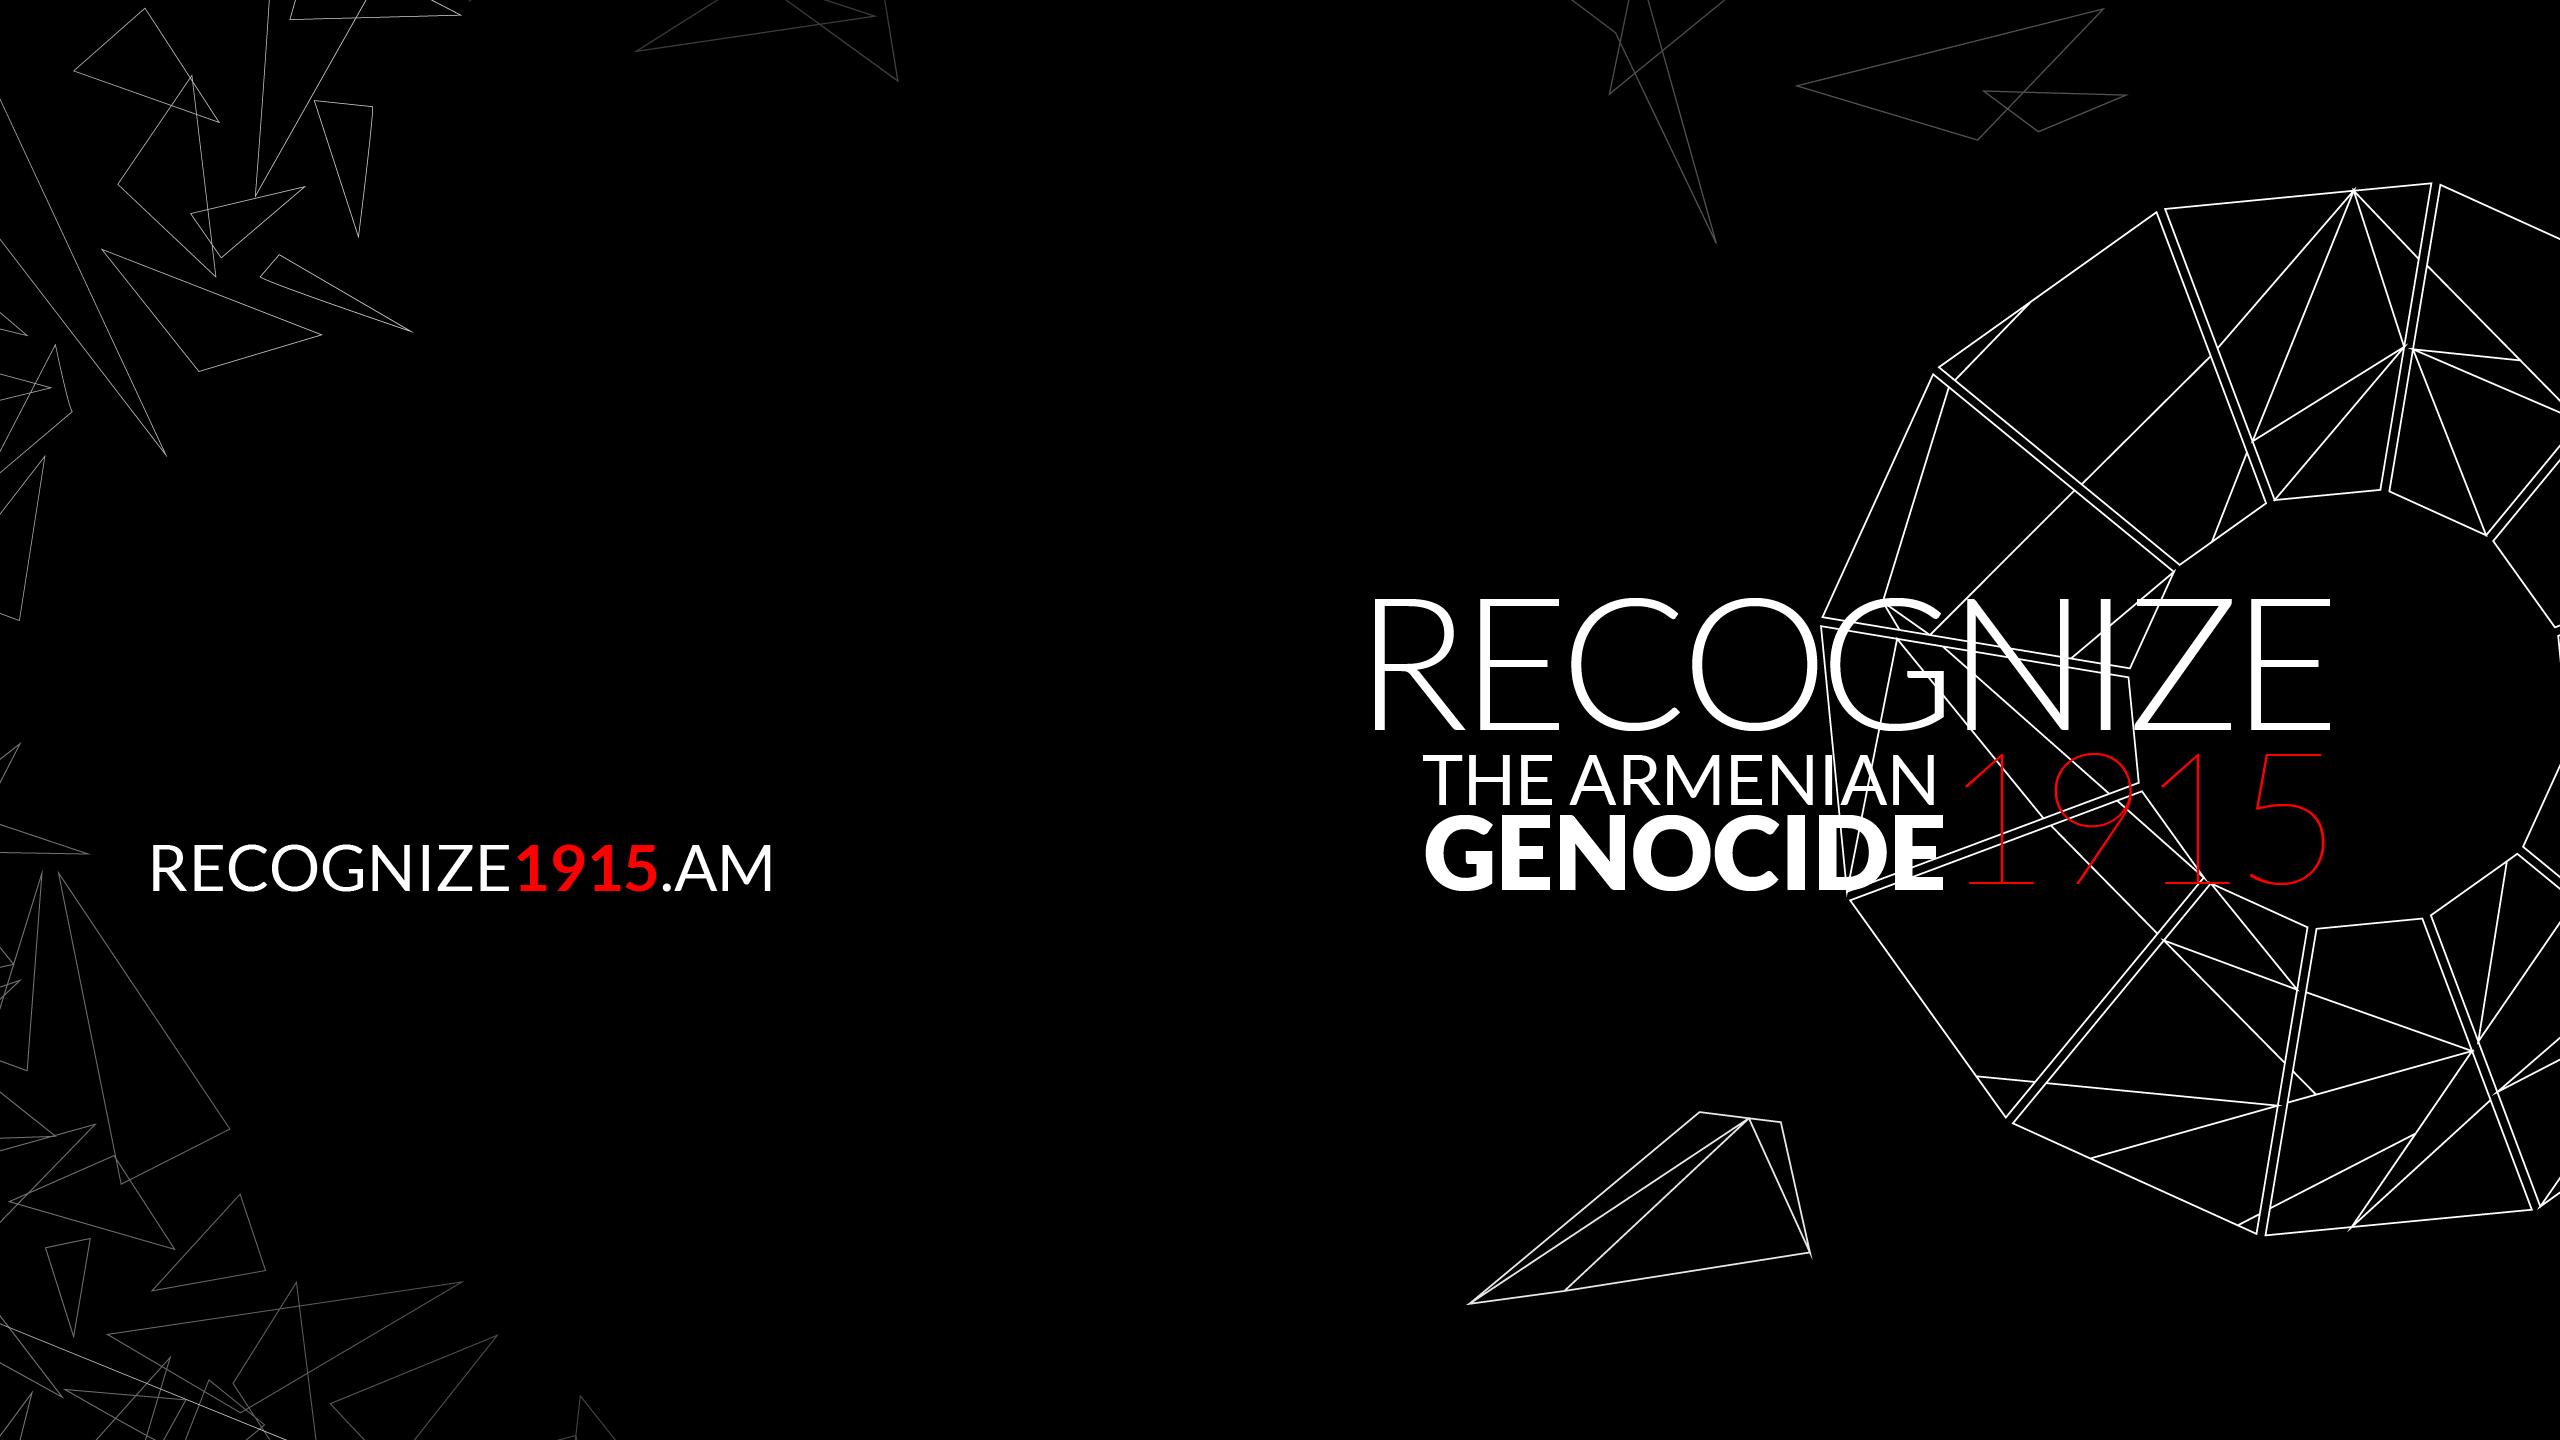 Ucom. «Recognize 1915» նախագծի շրջանակներում հայ գիտակները մեկնեցին Արևմտյան Հայաստան